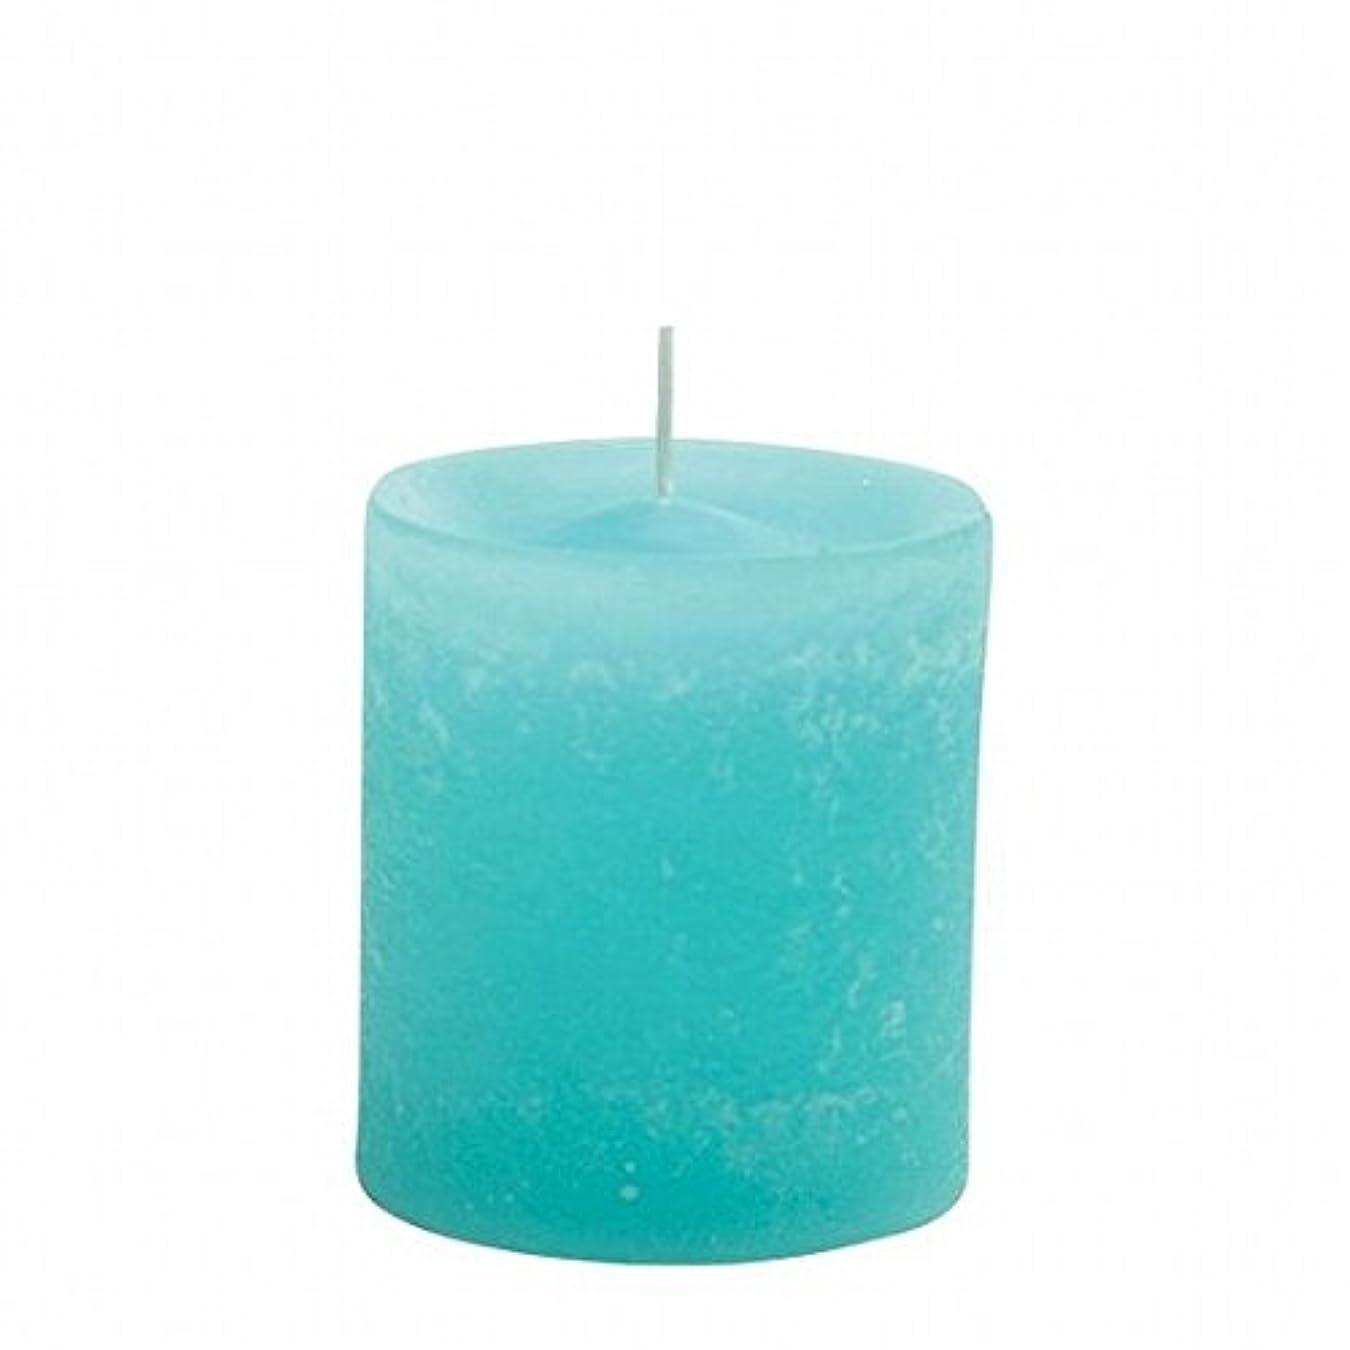 クリーク変化するイベントkameyama candle(カメヤマキャンドル) ラスティクピラー70×75 「 ライトブルー 」(A4930010LB)